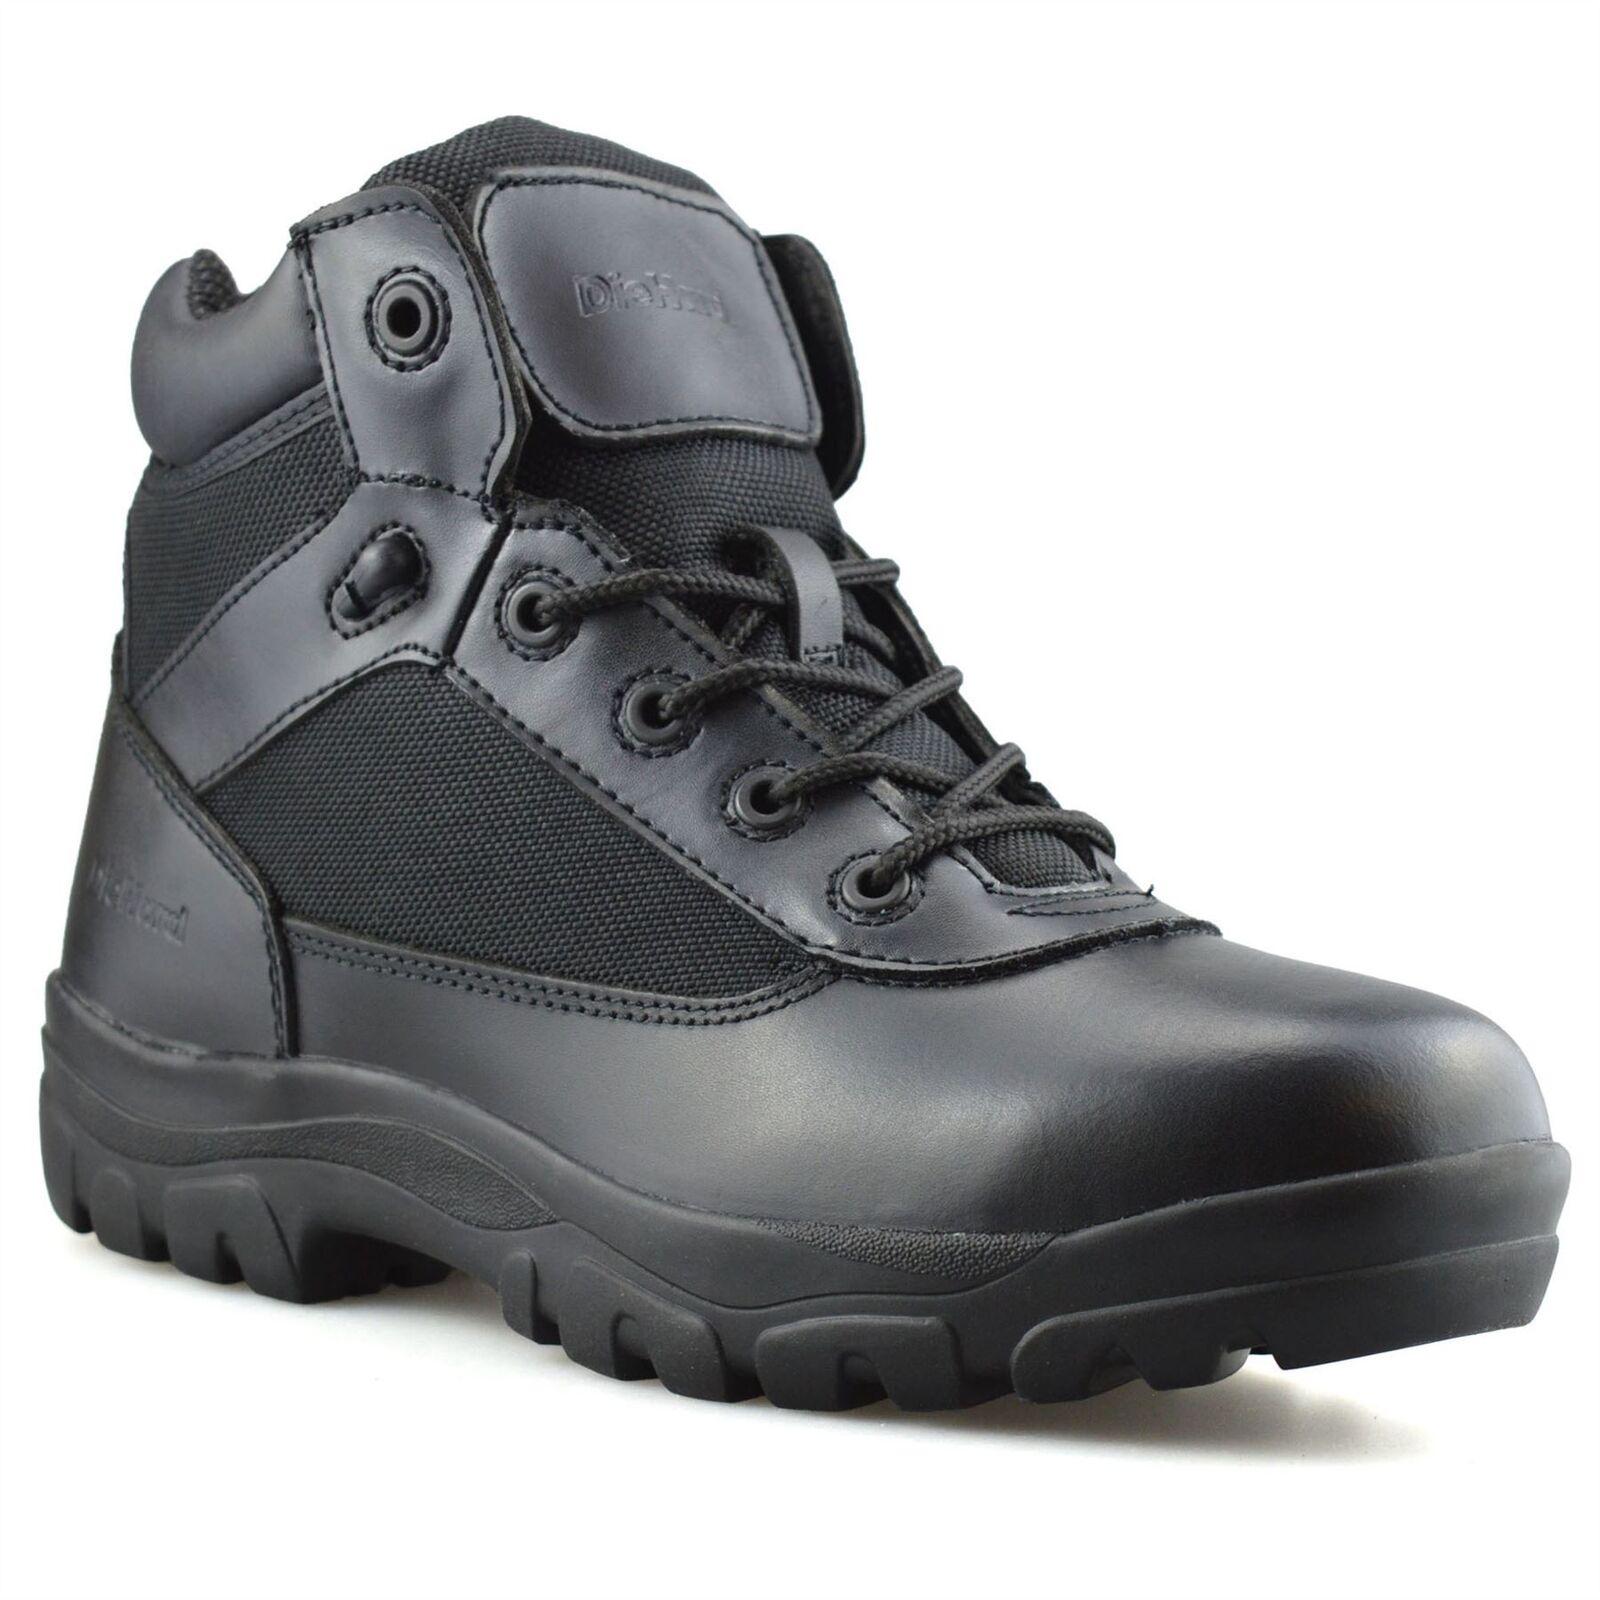 Da Uomo in Pelle Nuova Militare Dell'esercito Combat Da Passeggio Escursioni Lavoro Caviglia Stivali